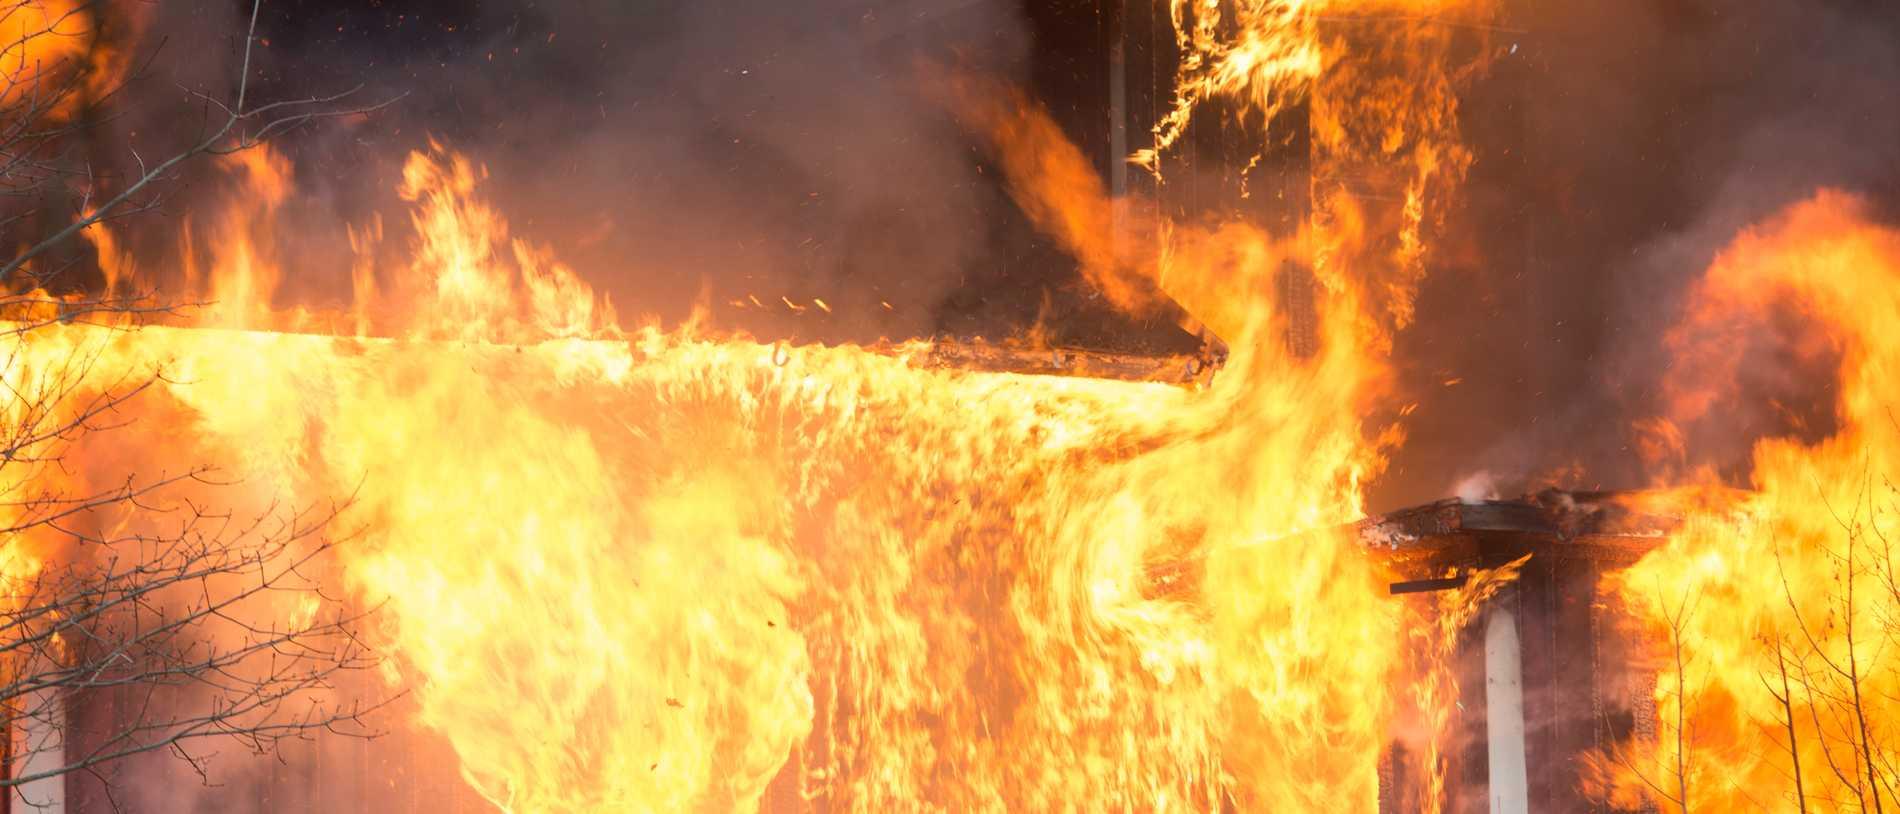 Hundratal kor innebrända i ladugård